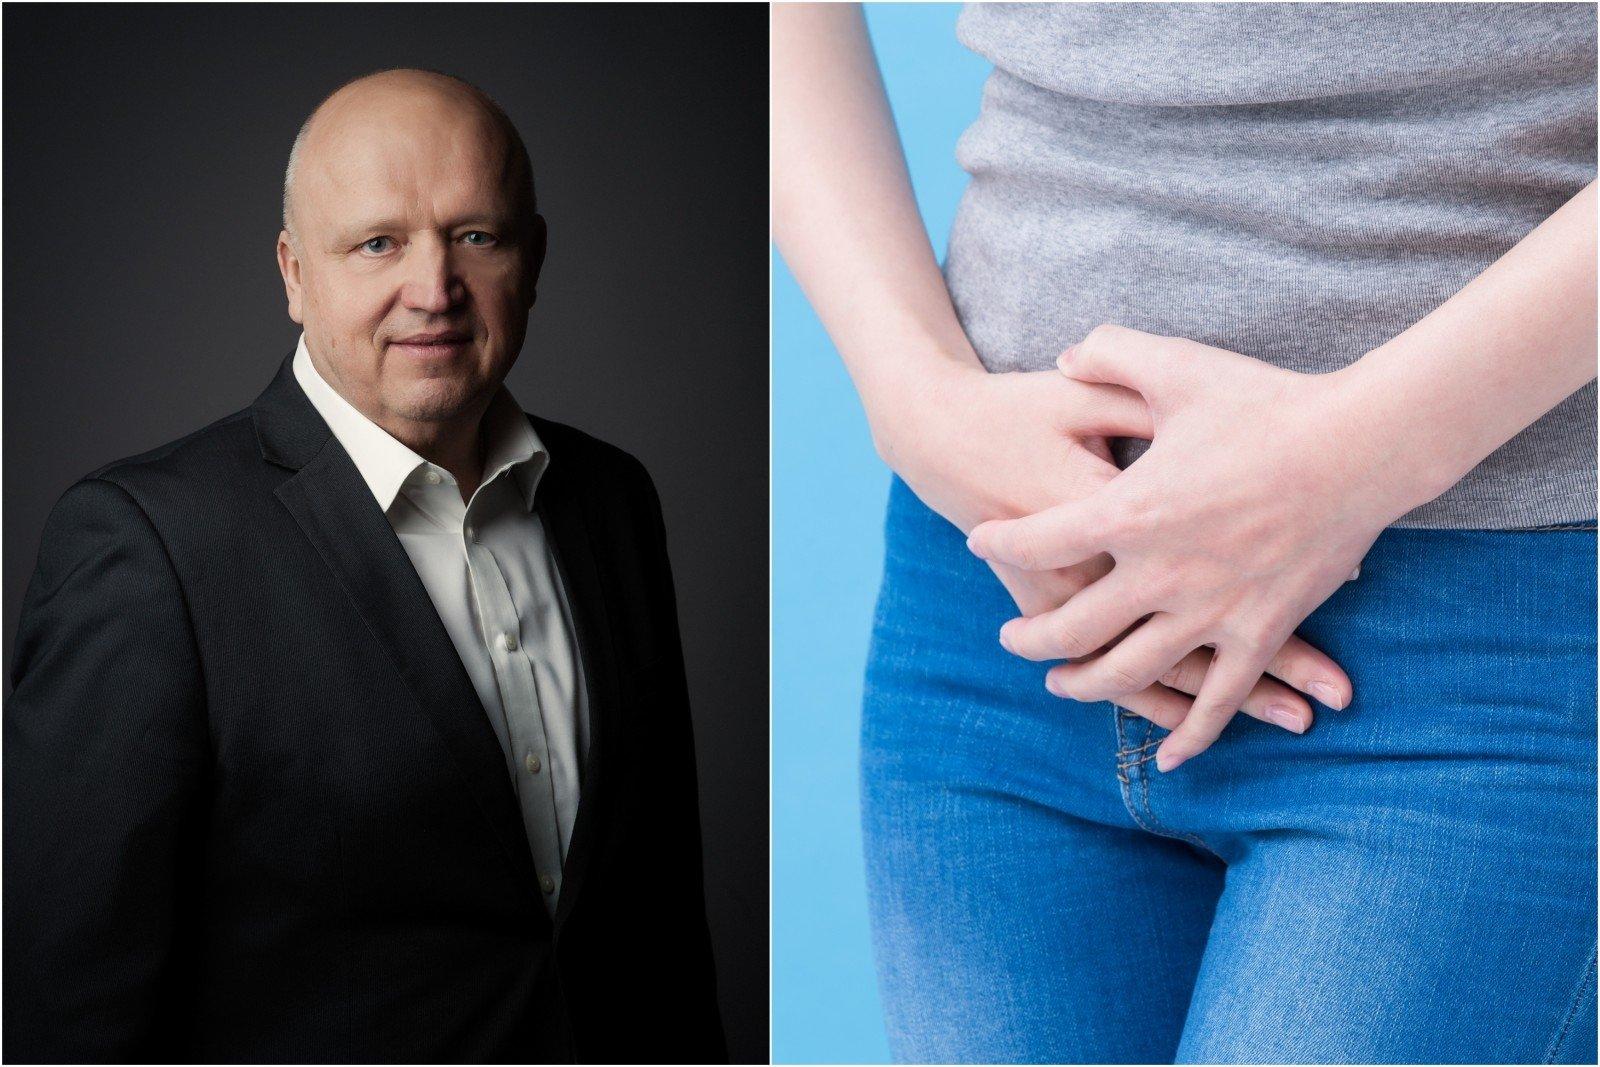 moteriškų hormonų poveikis varpai